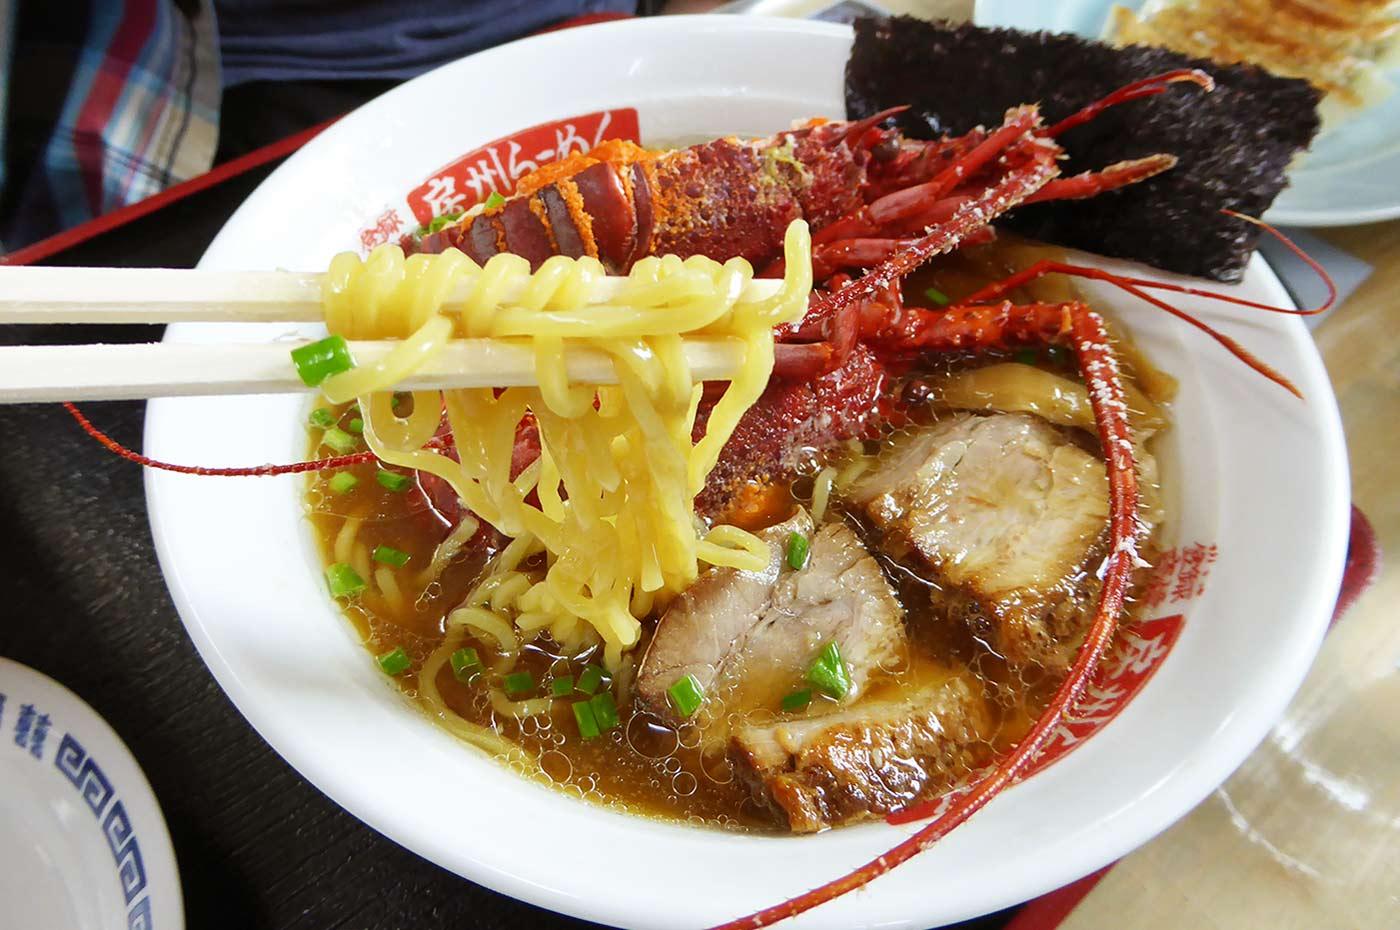 イセエビラーメンの麺のアップ